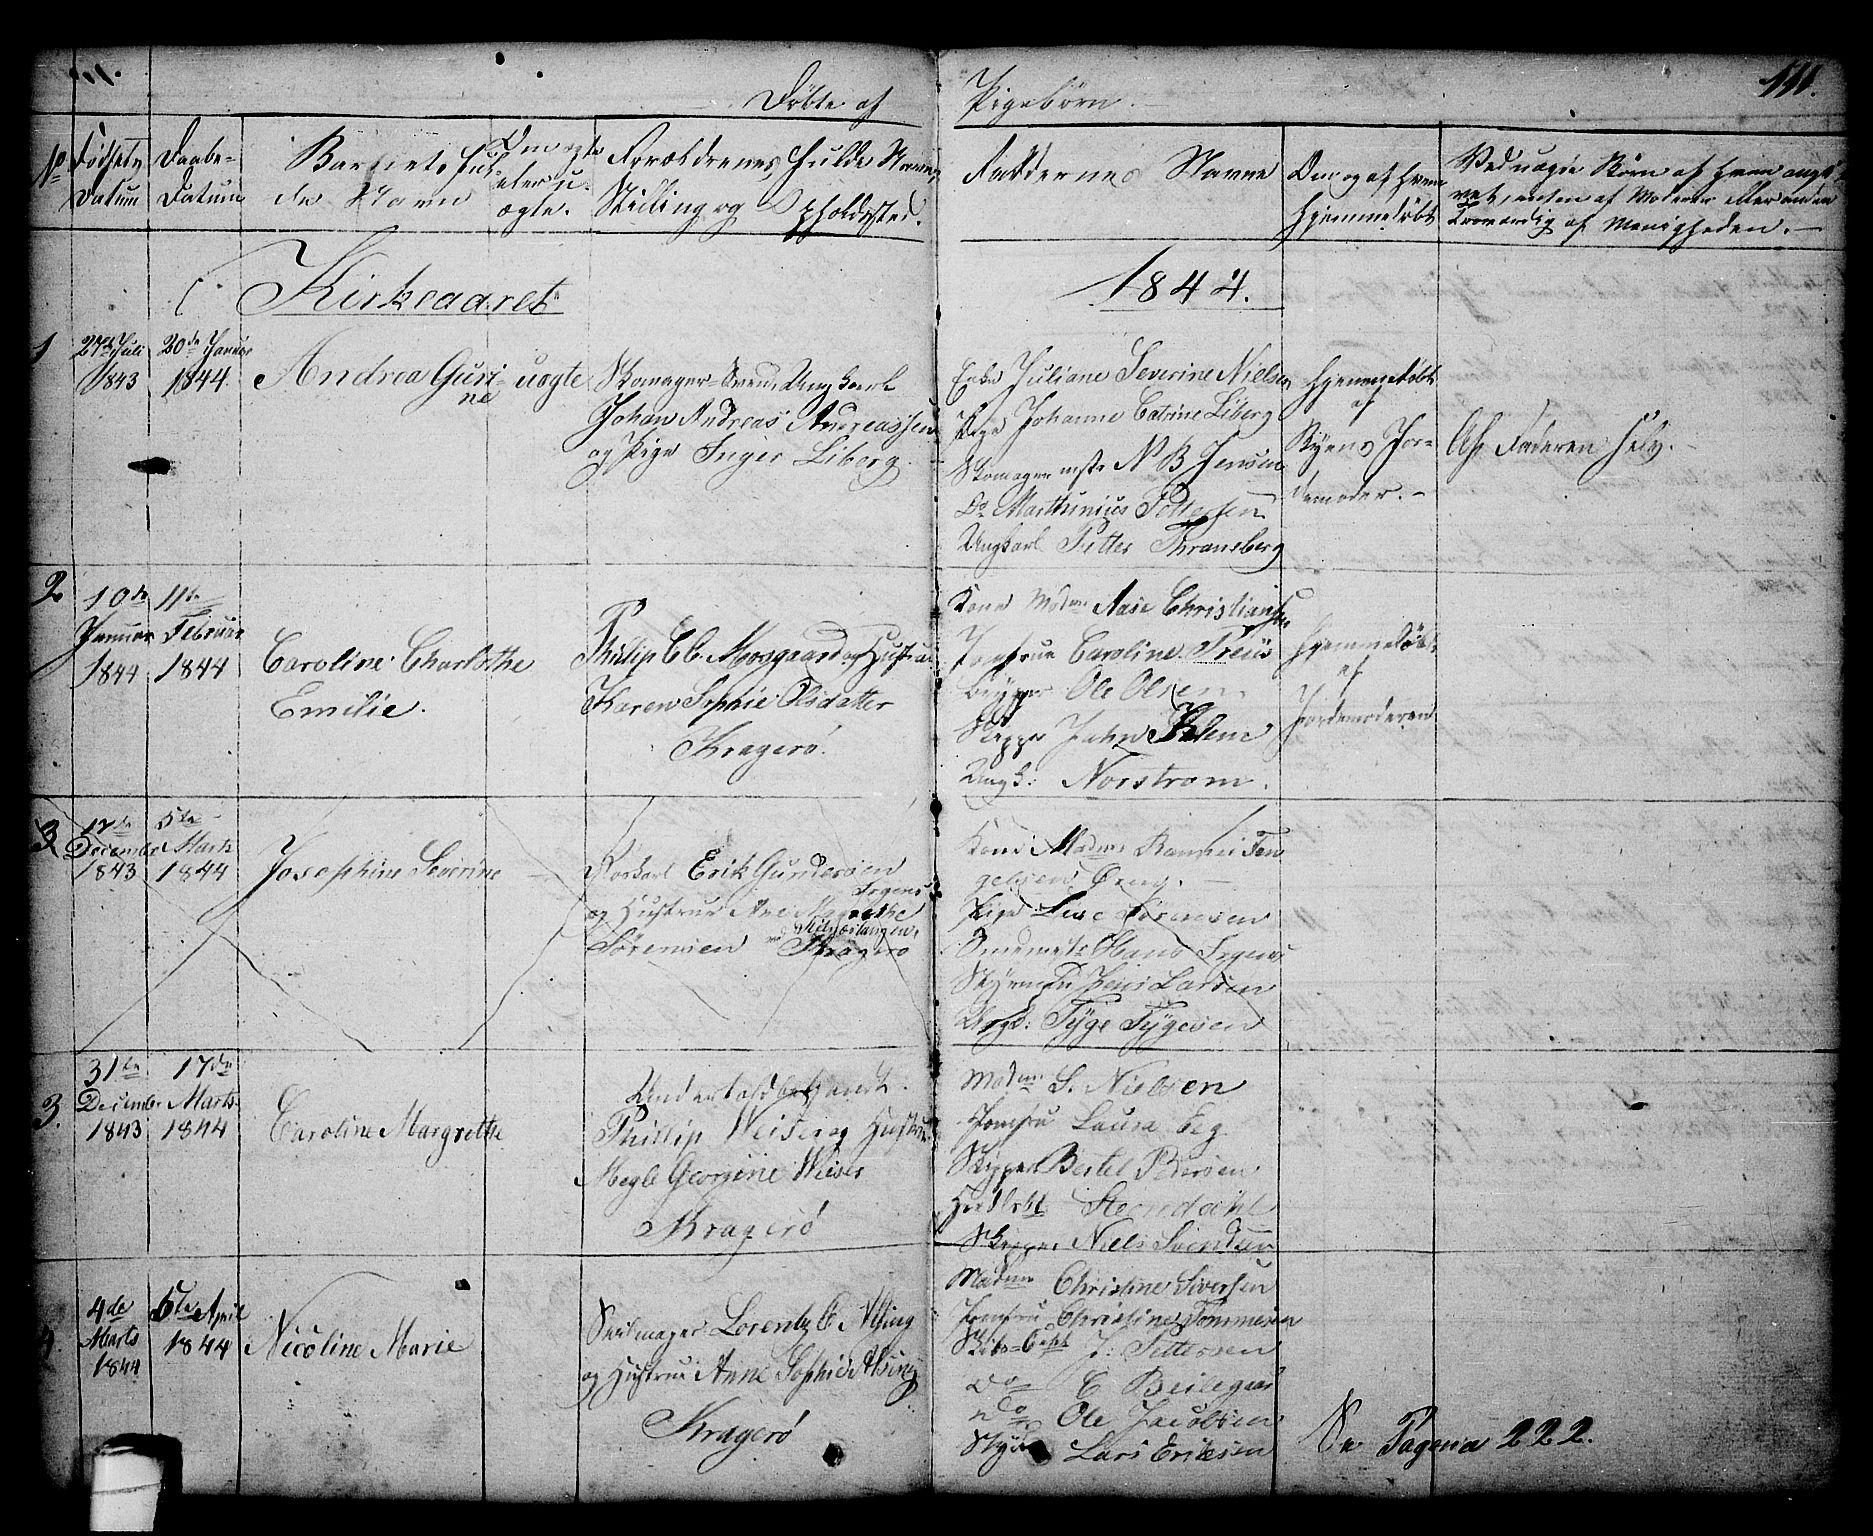 SAKO, Kragerø kirkebøker, G/Ga/L0003: Klokkerbok nr. 3, 1832-1852, s. 111